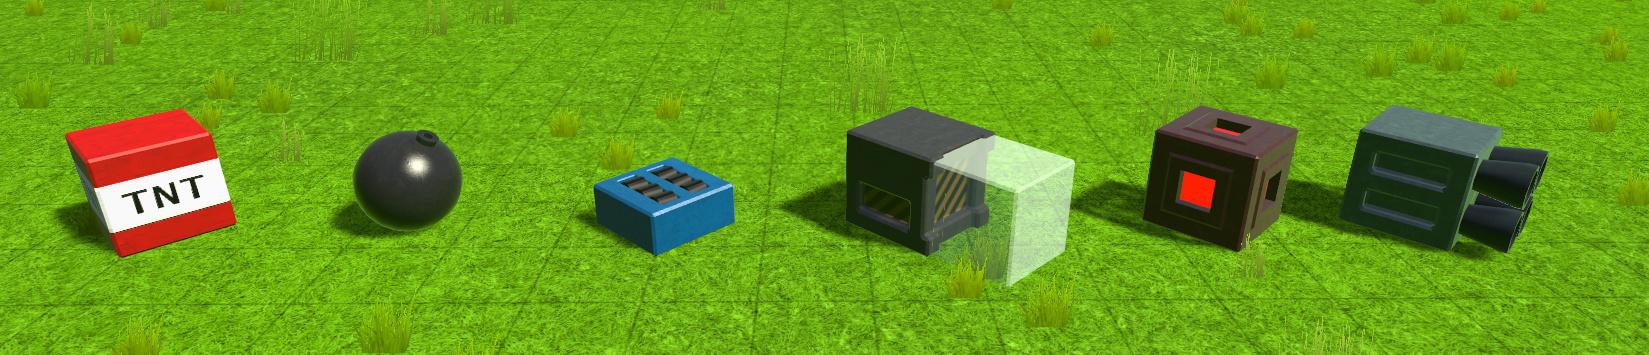 special blocks